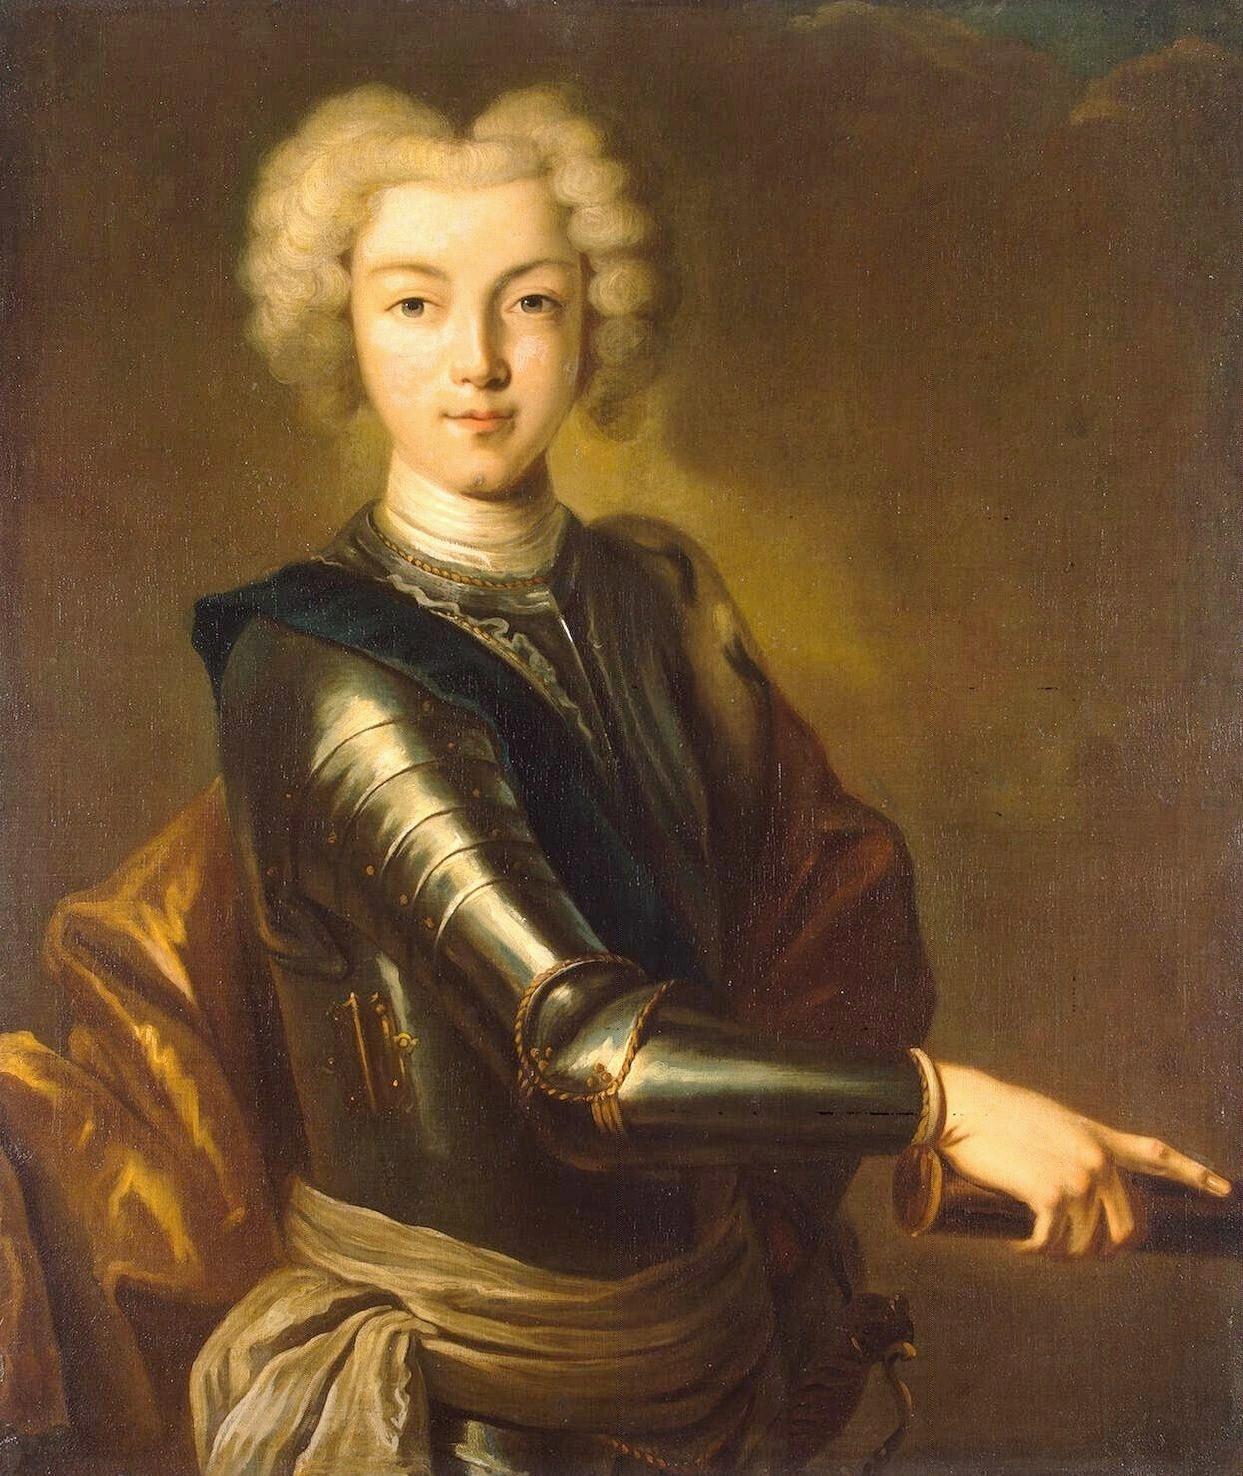 Портрет Петра II, рад непознатог уметника, око 1800. године